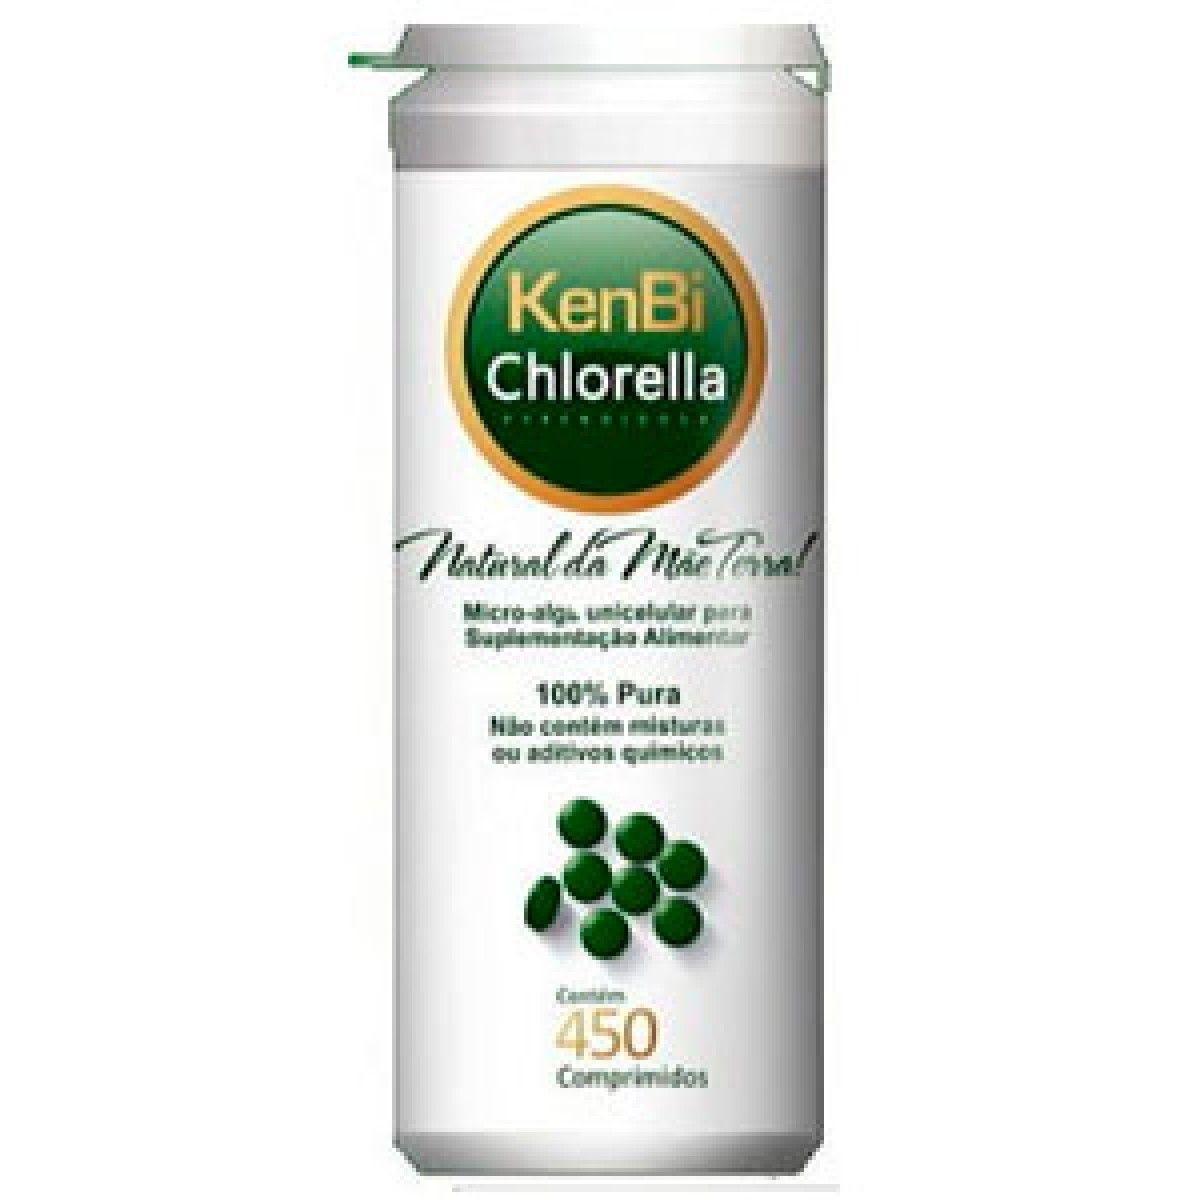 Kit 1 Chlorella Kenbi 450 Comprimidos + 1 Spirulina Ocean Drop 240 Cápsulas